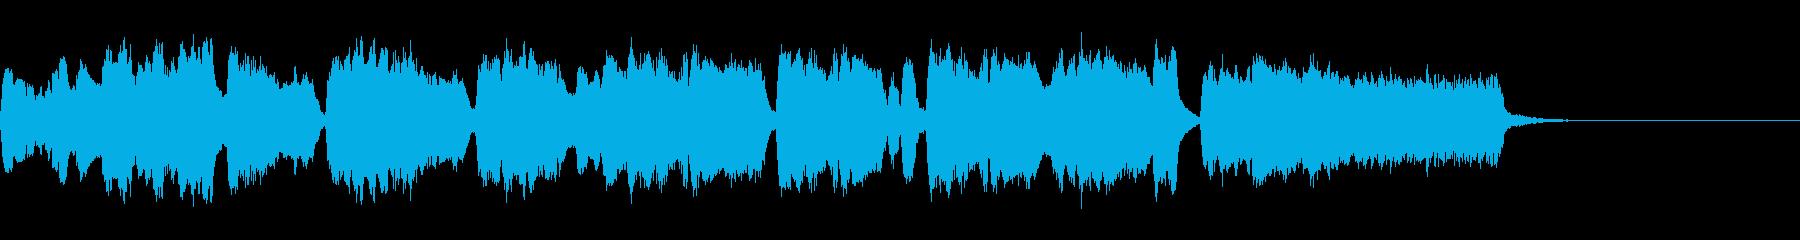 シンプルなオープニングファンファーレ2の再生済みの波形